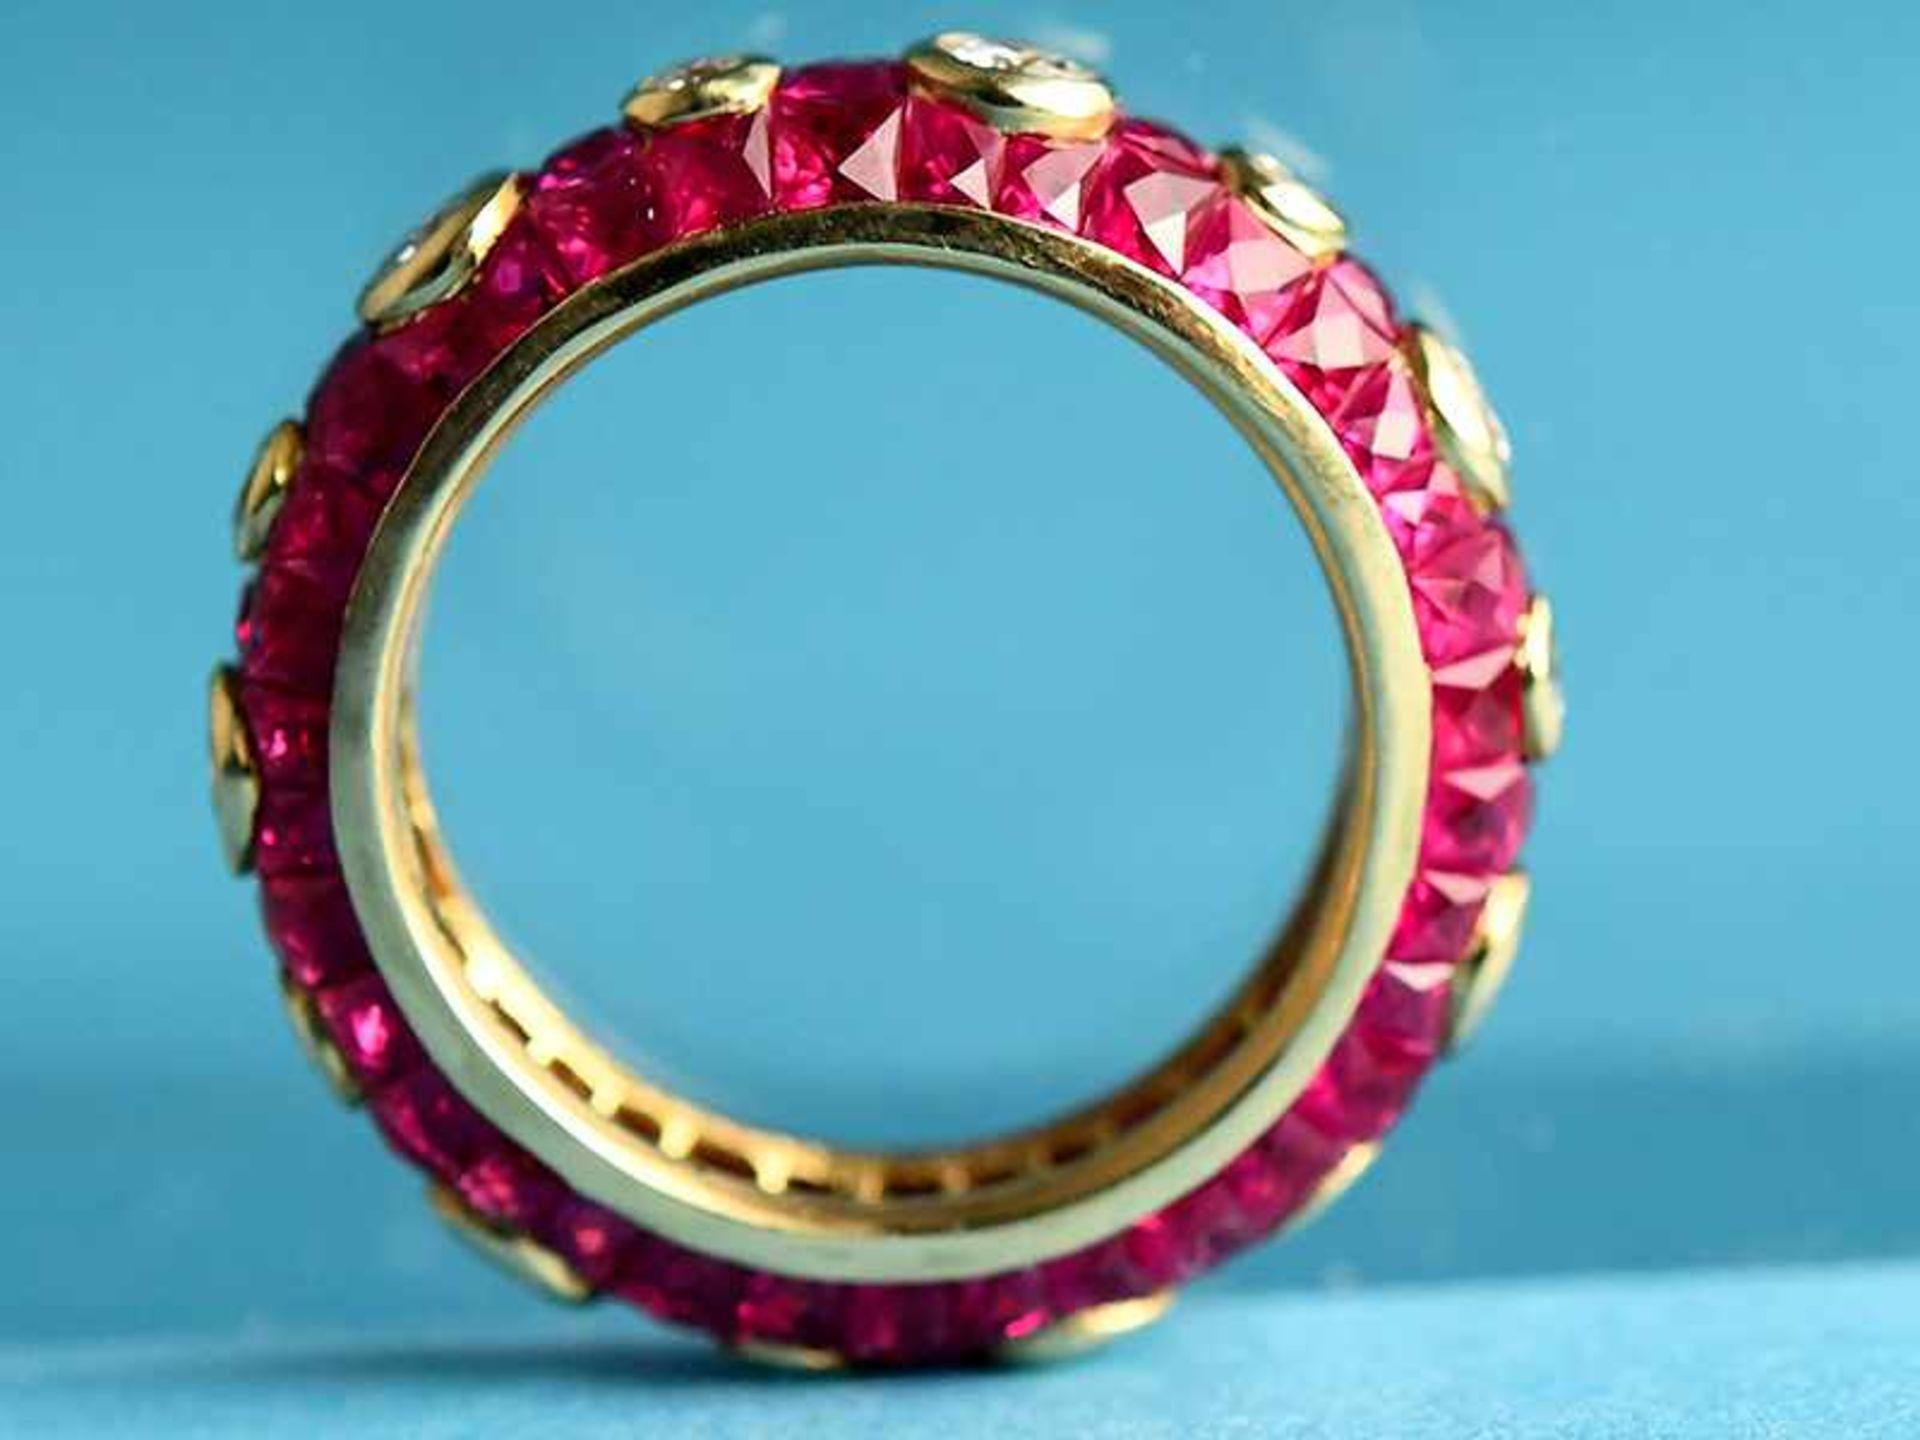 """Ring mit Rubinen, zusammen ca. 3,5 ct und 14 Brillanten, zusammen ca. 1,1 ct, Juweliersarbeit """" - Bild 2 aus 4"""